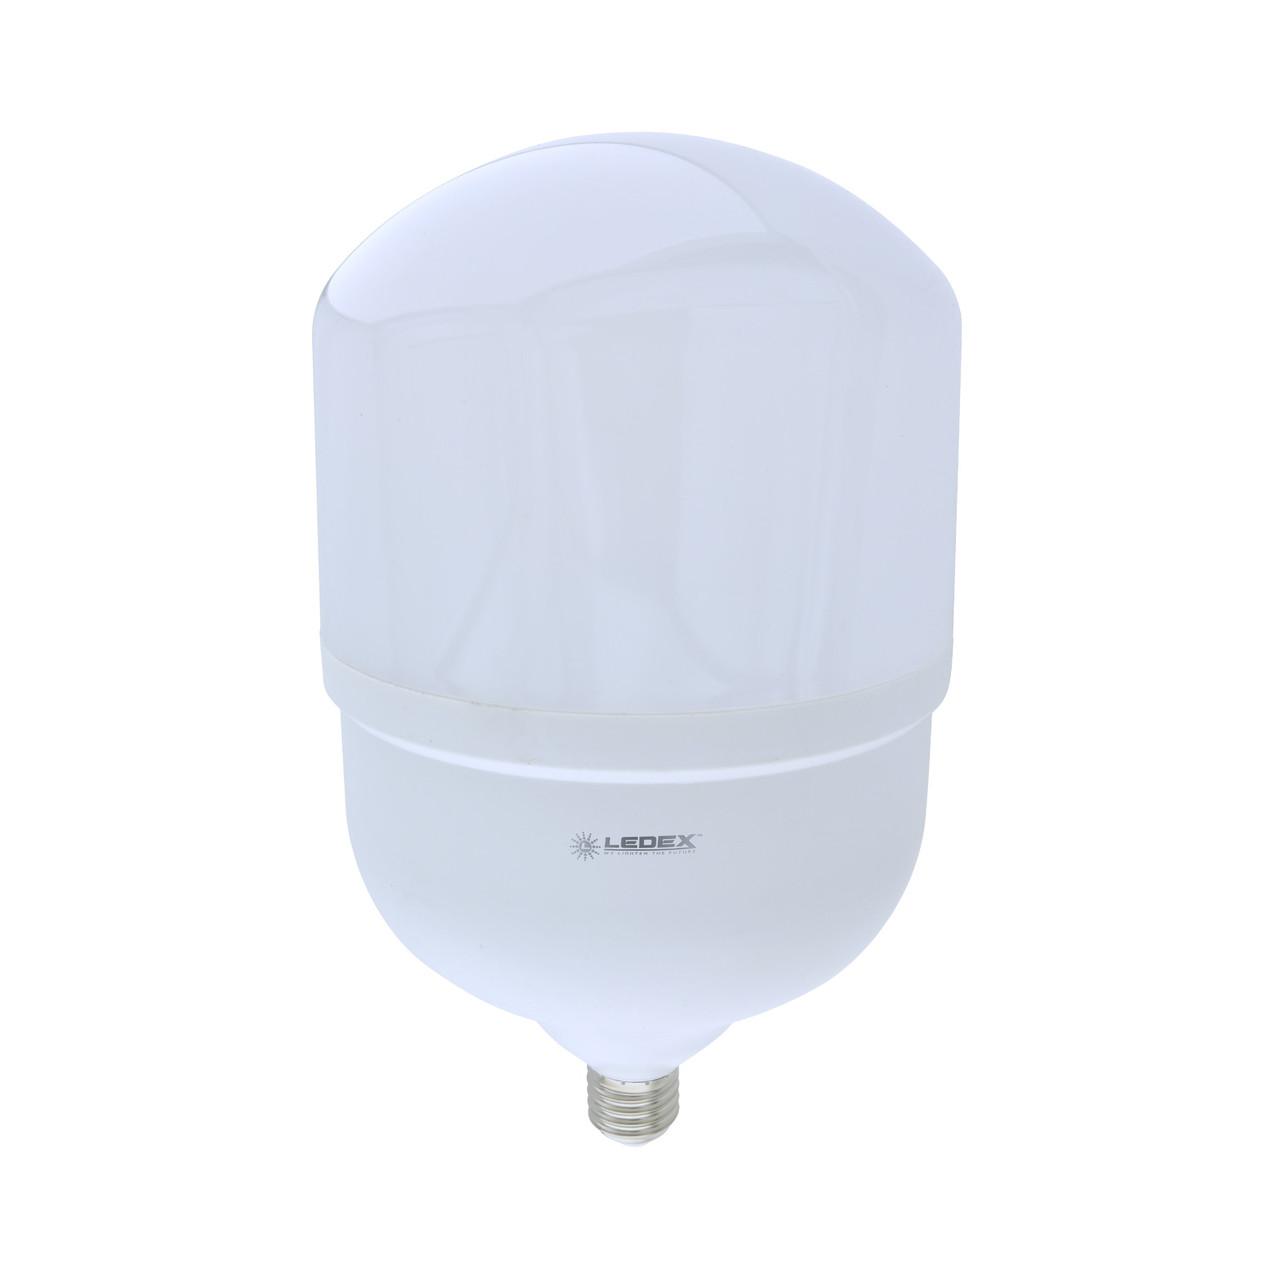 Светодиодная лампа LEDEX HIGH POWER T120 45Вт 4275lm 6500К E27 (101704)